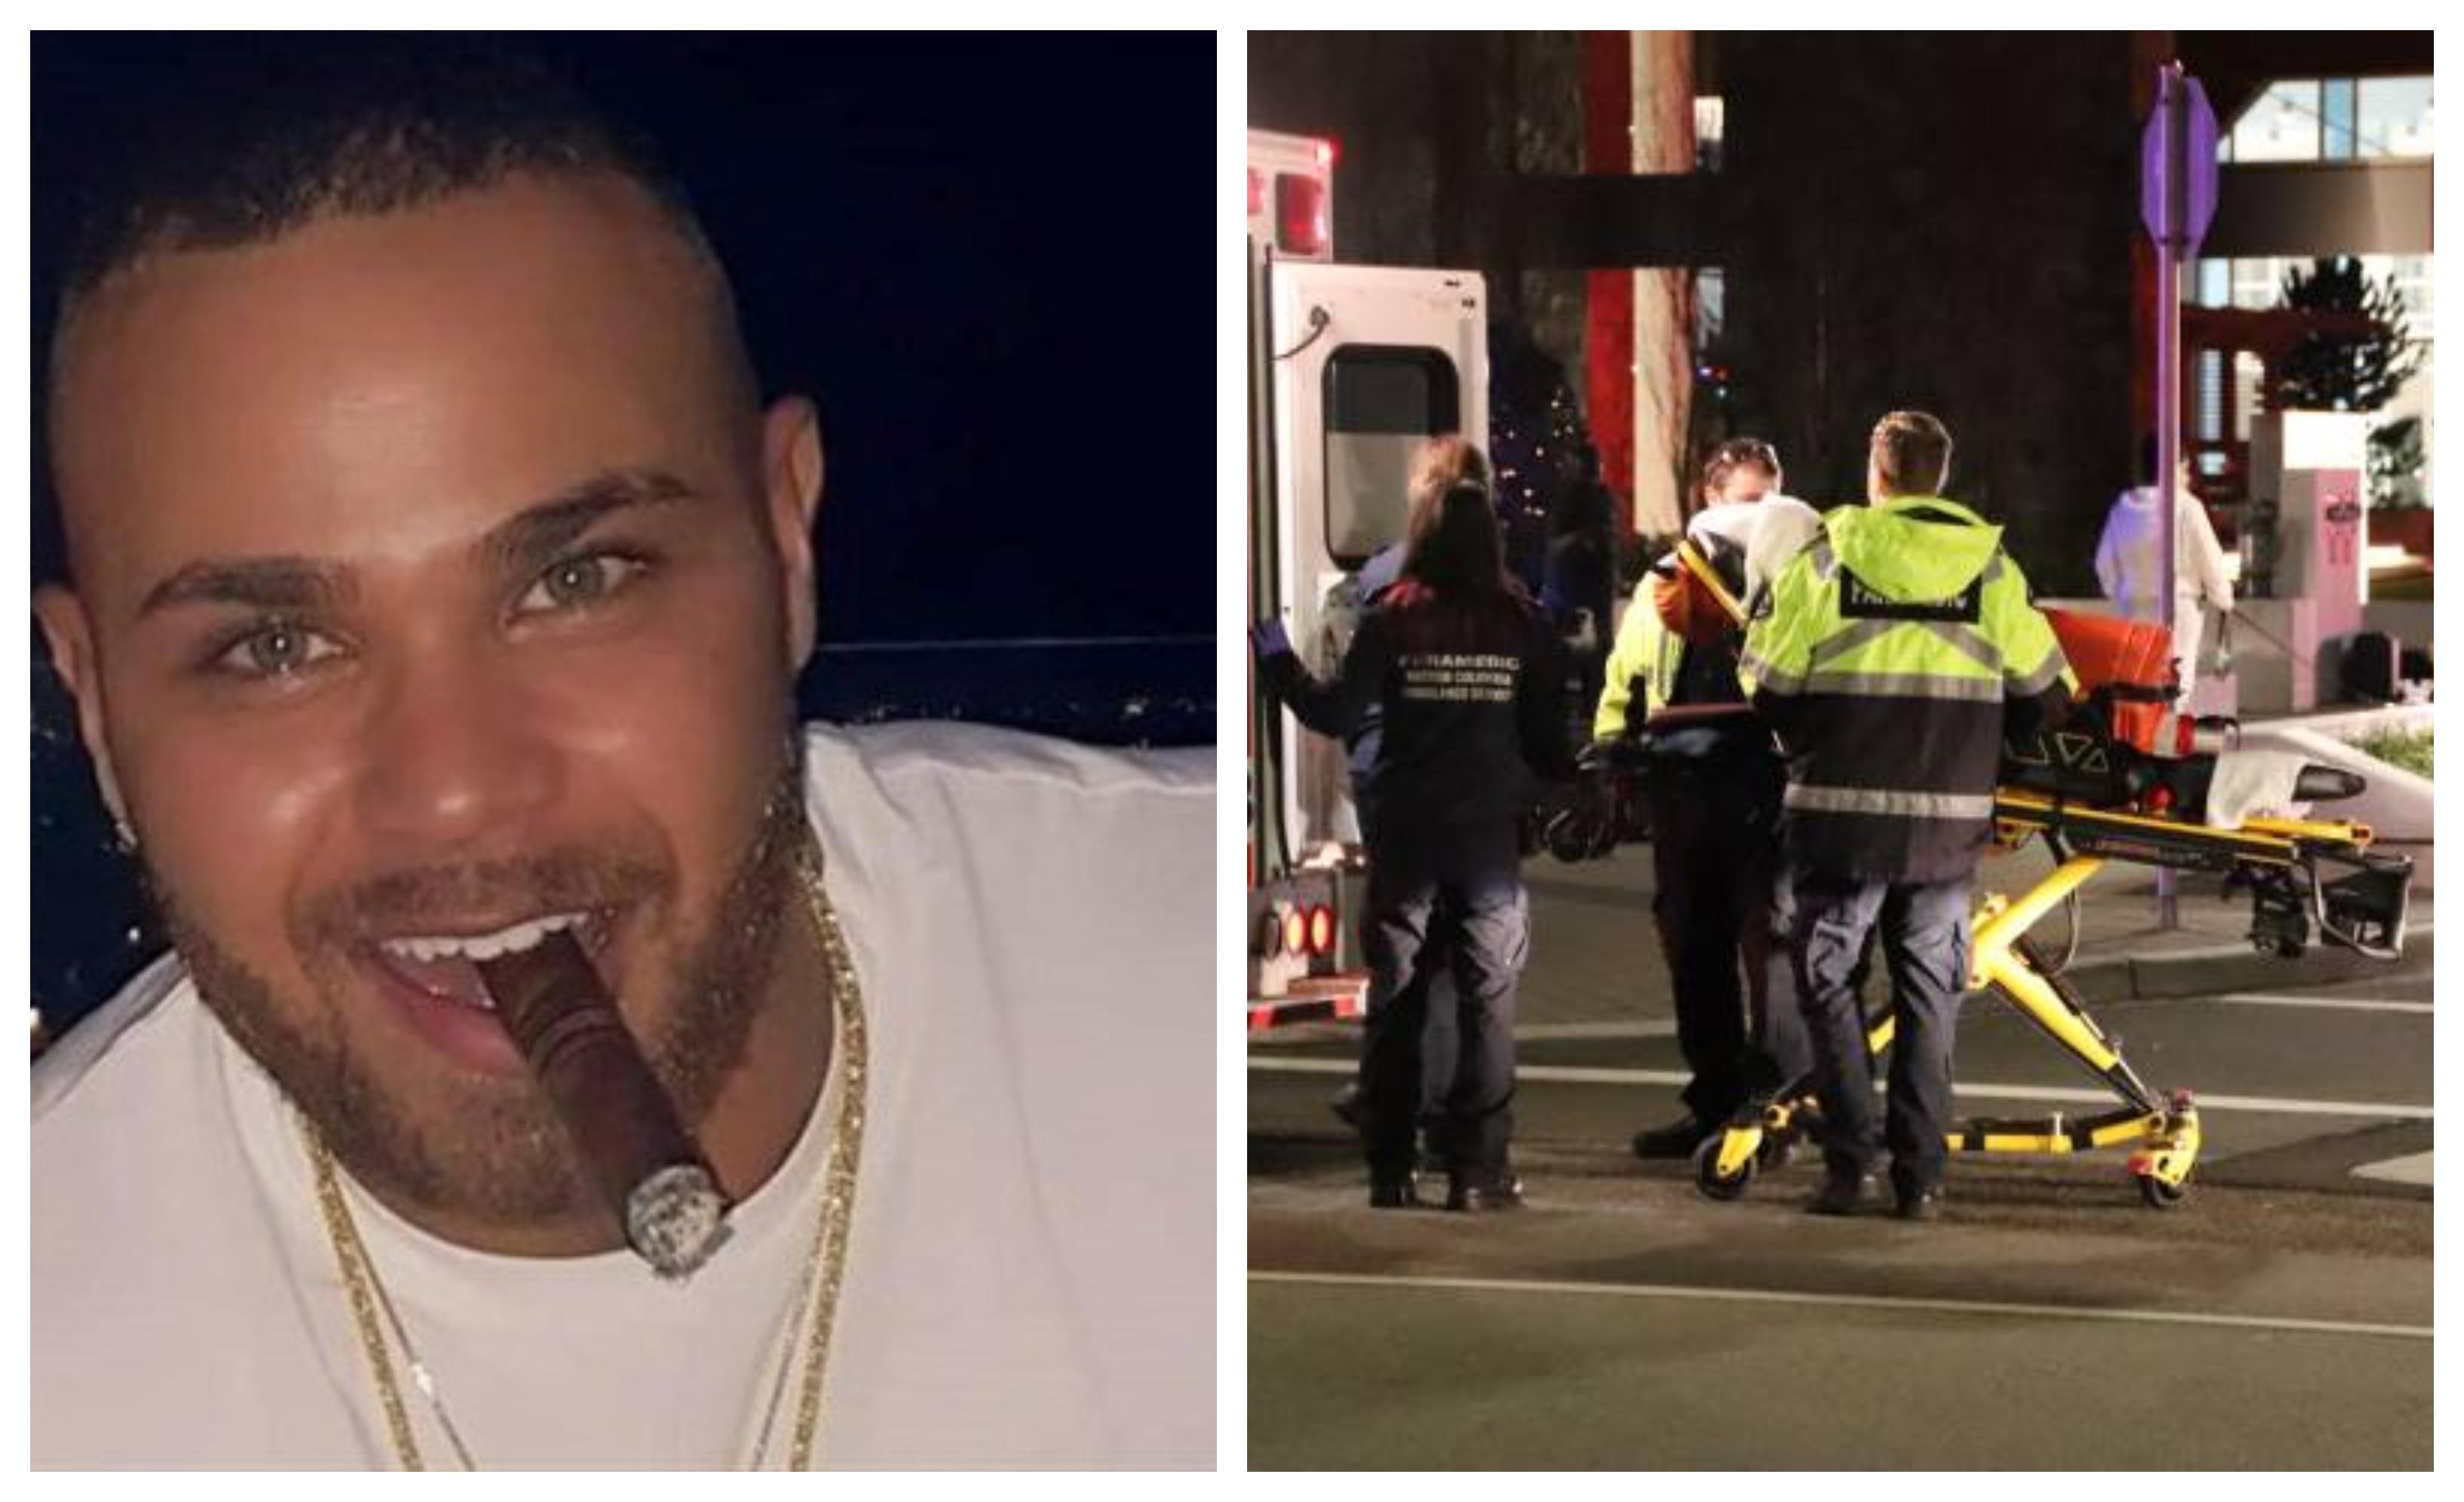 الشاب اللبناني العشريني روك حبيب جمعة قتل في كندا يوم عيد الميلاد بجريمة مفتعلة